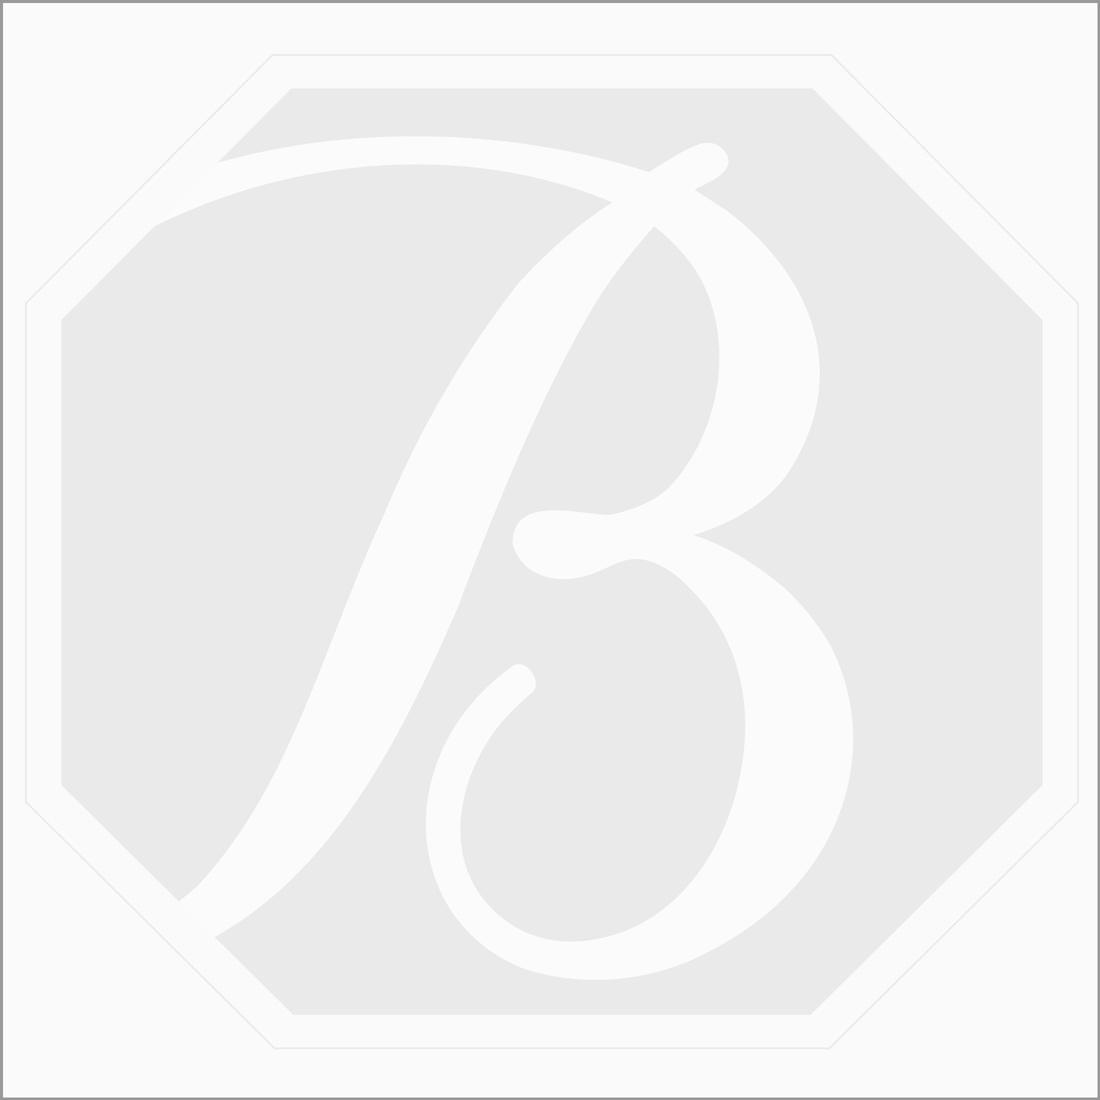 1 Pc - Dark Green Tourmaline Rose Cut - 4.2 ct. - 16.6 x 10.8 x 2.8 mm (TRC1068)